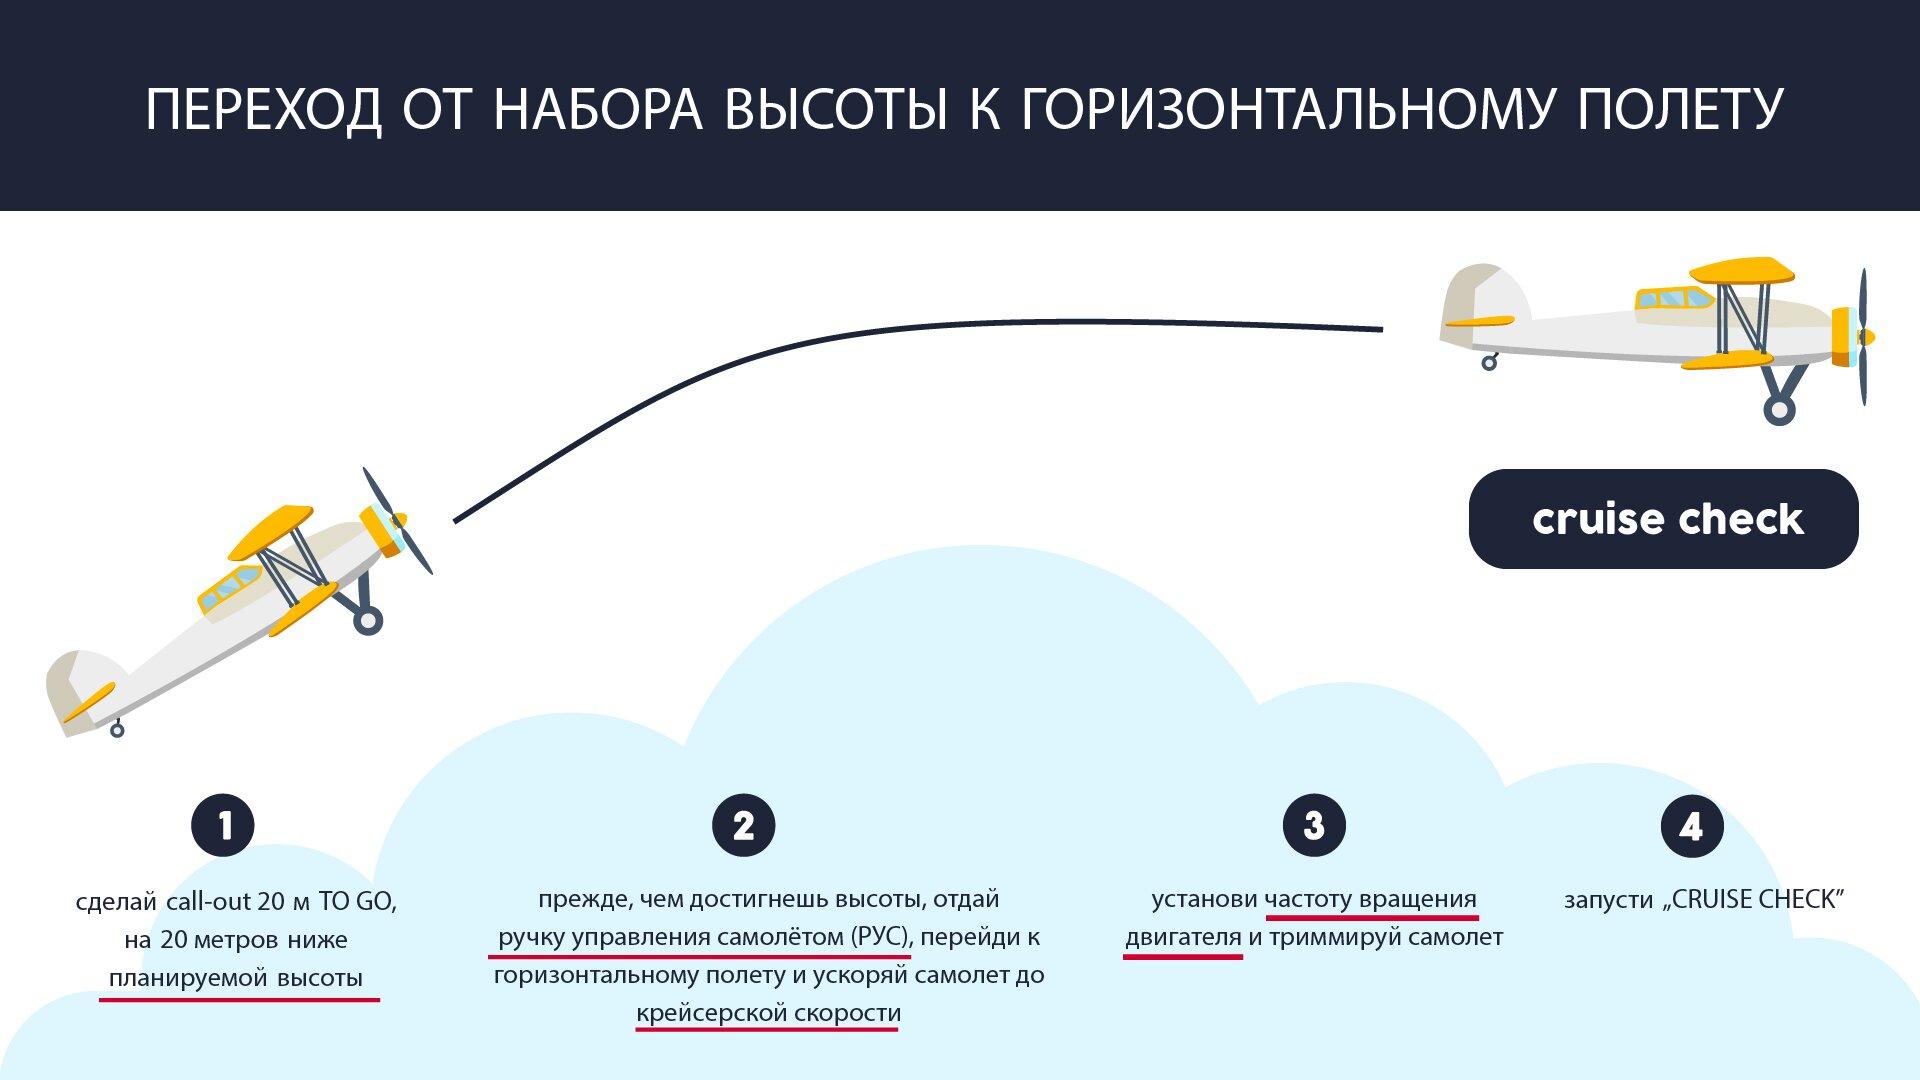 На изображении представлен переход от набора высоты к горизонтальному полету. Grafika przedstawia przejście zlotu wznoszącego do lotu poziomego.